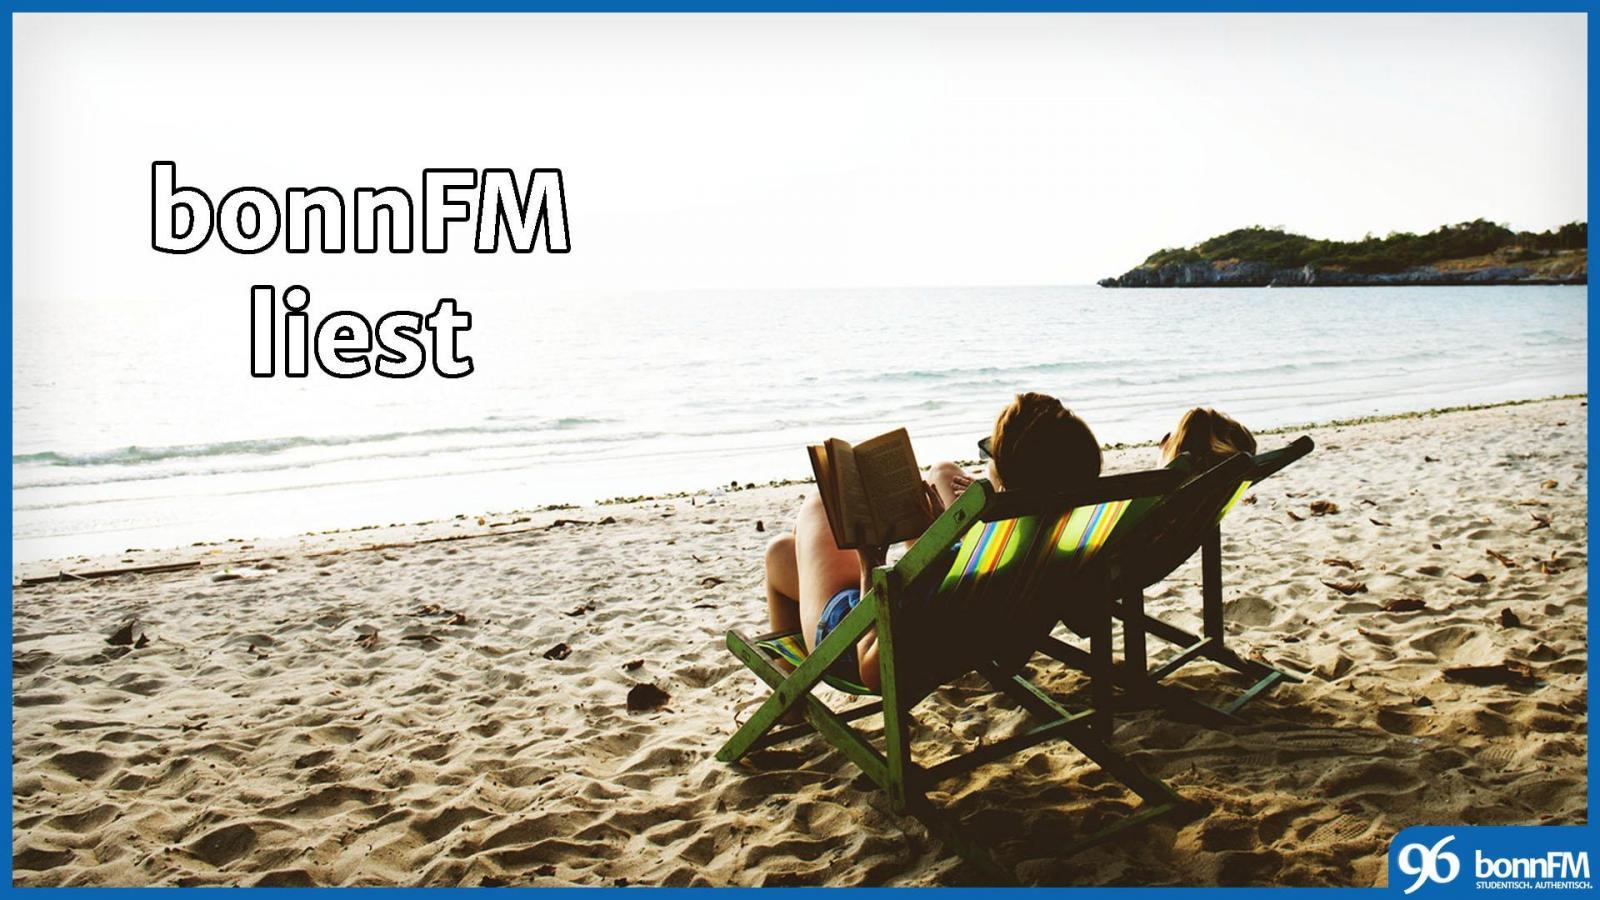 bonnFM liest. Die Sendung vom 1. August 2018.